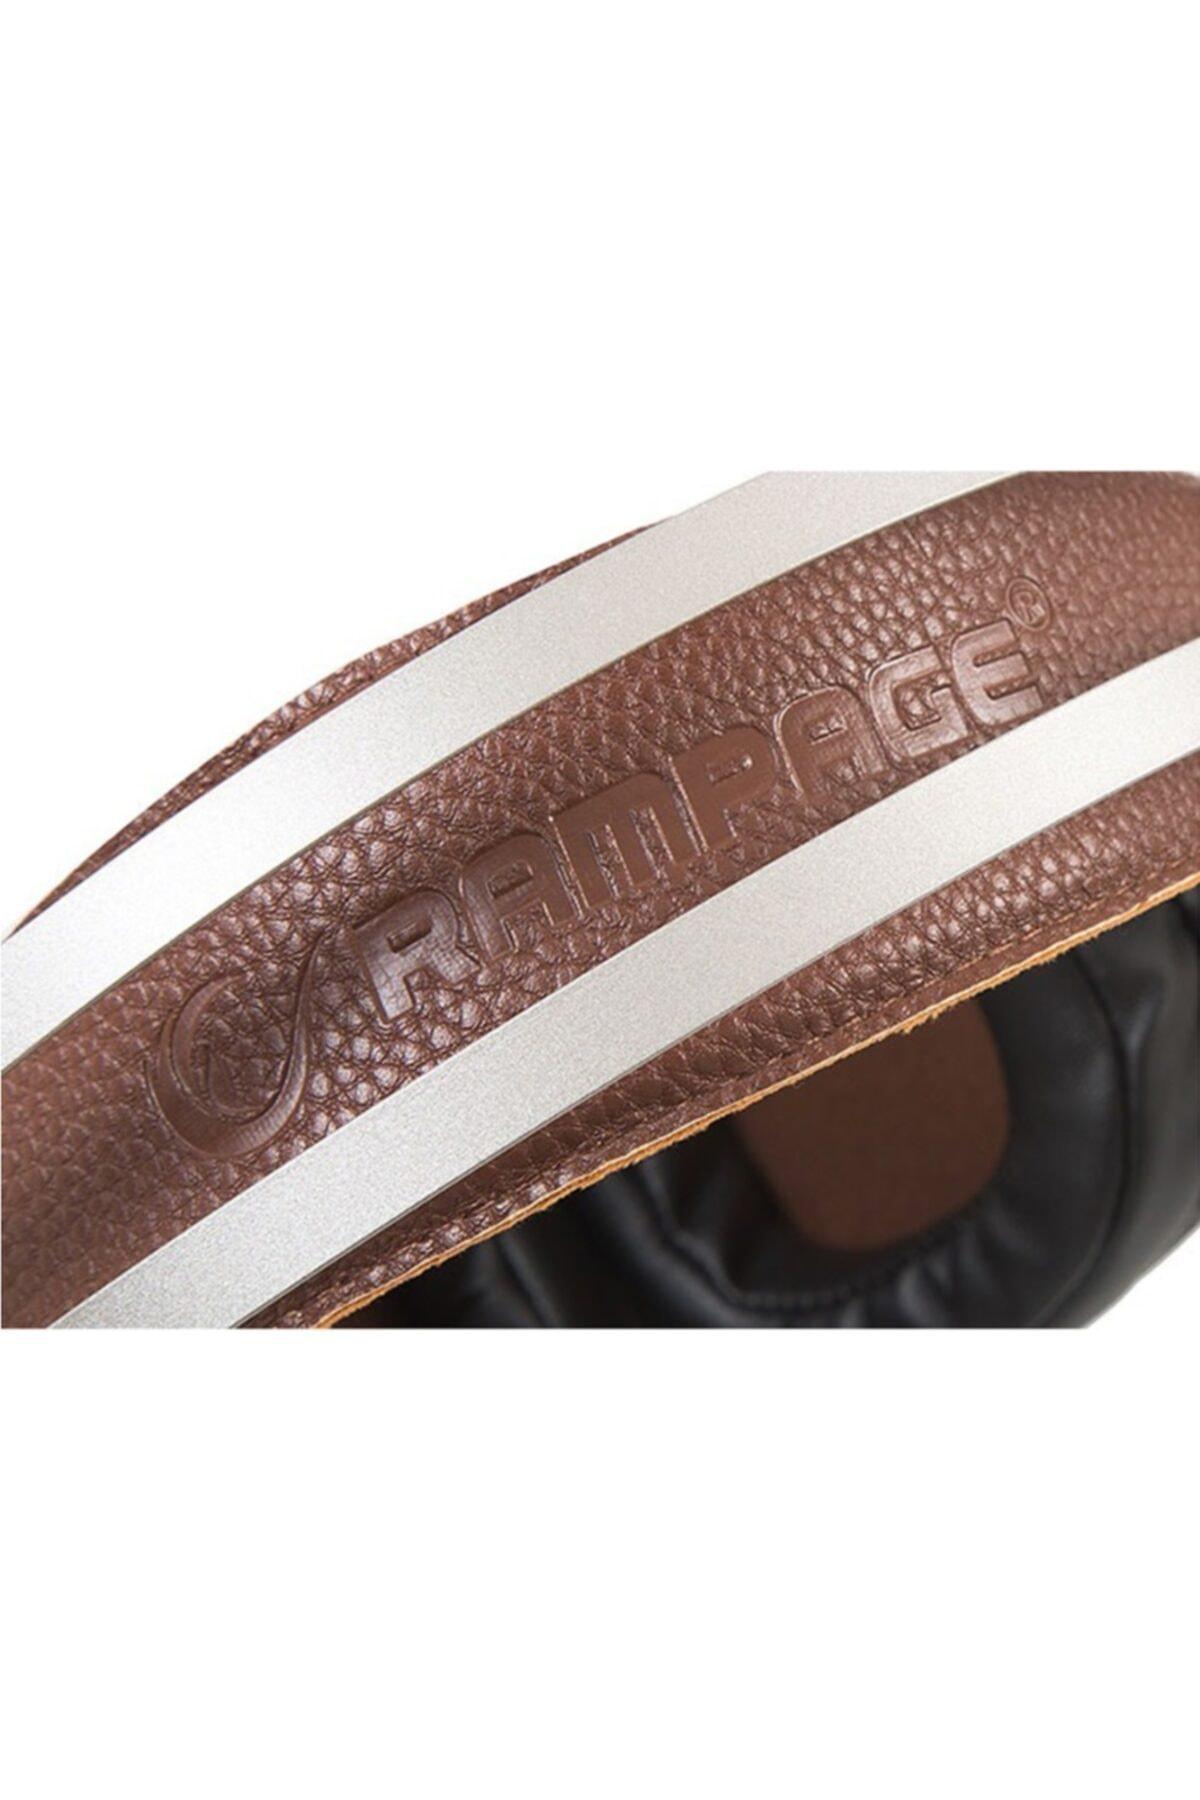 Rampage SN-RW77 PRESTIGE USB 7.1 Metalik Gri Gizli Mikrofonlu 7 Renk Ledli Oyuncu Kulaklık 2